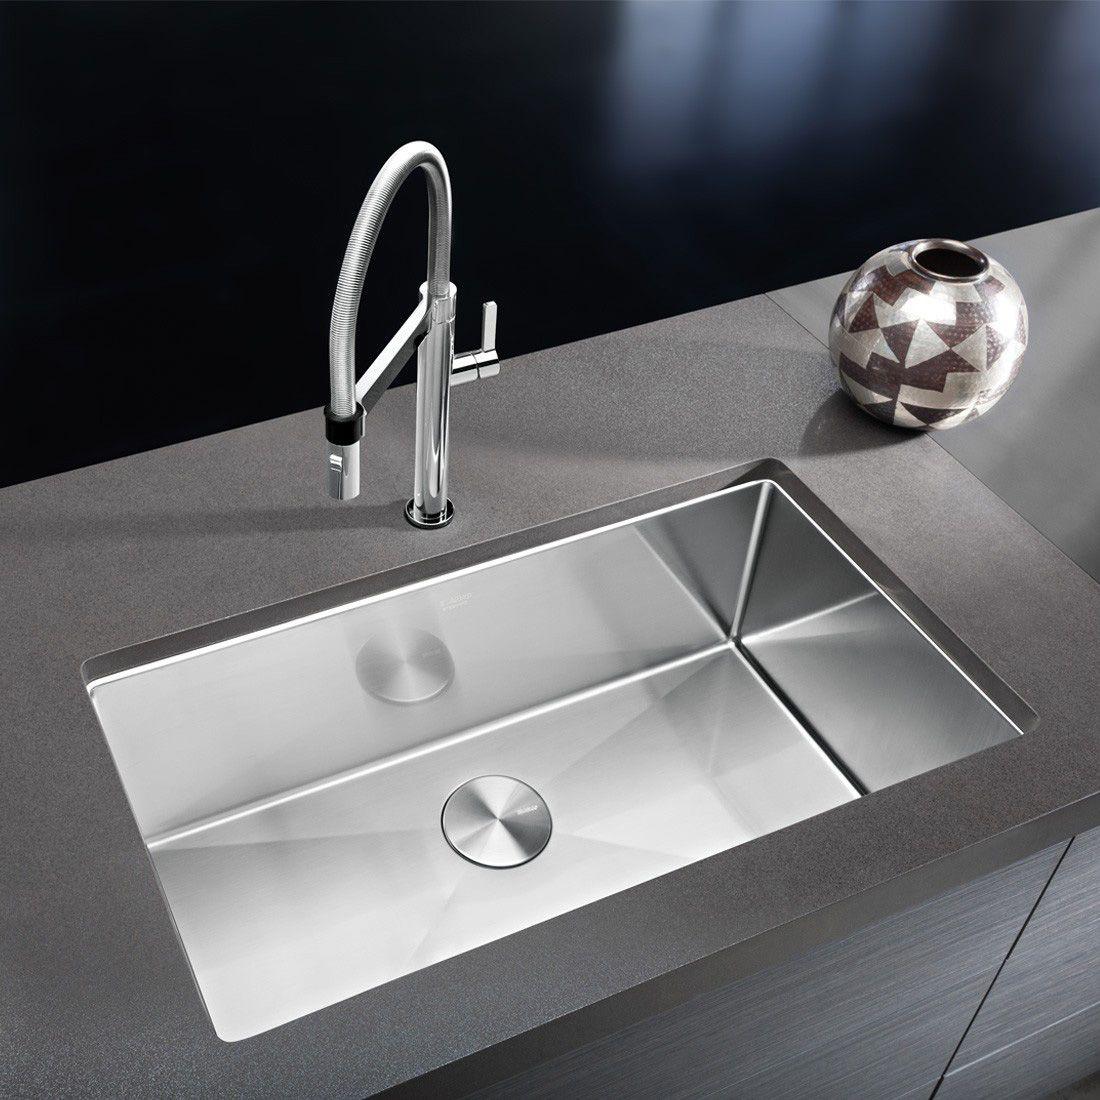 17+ The kitchen sink info